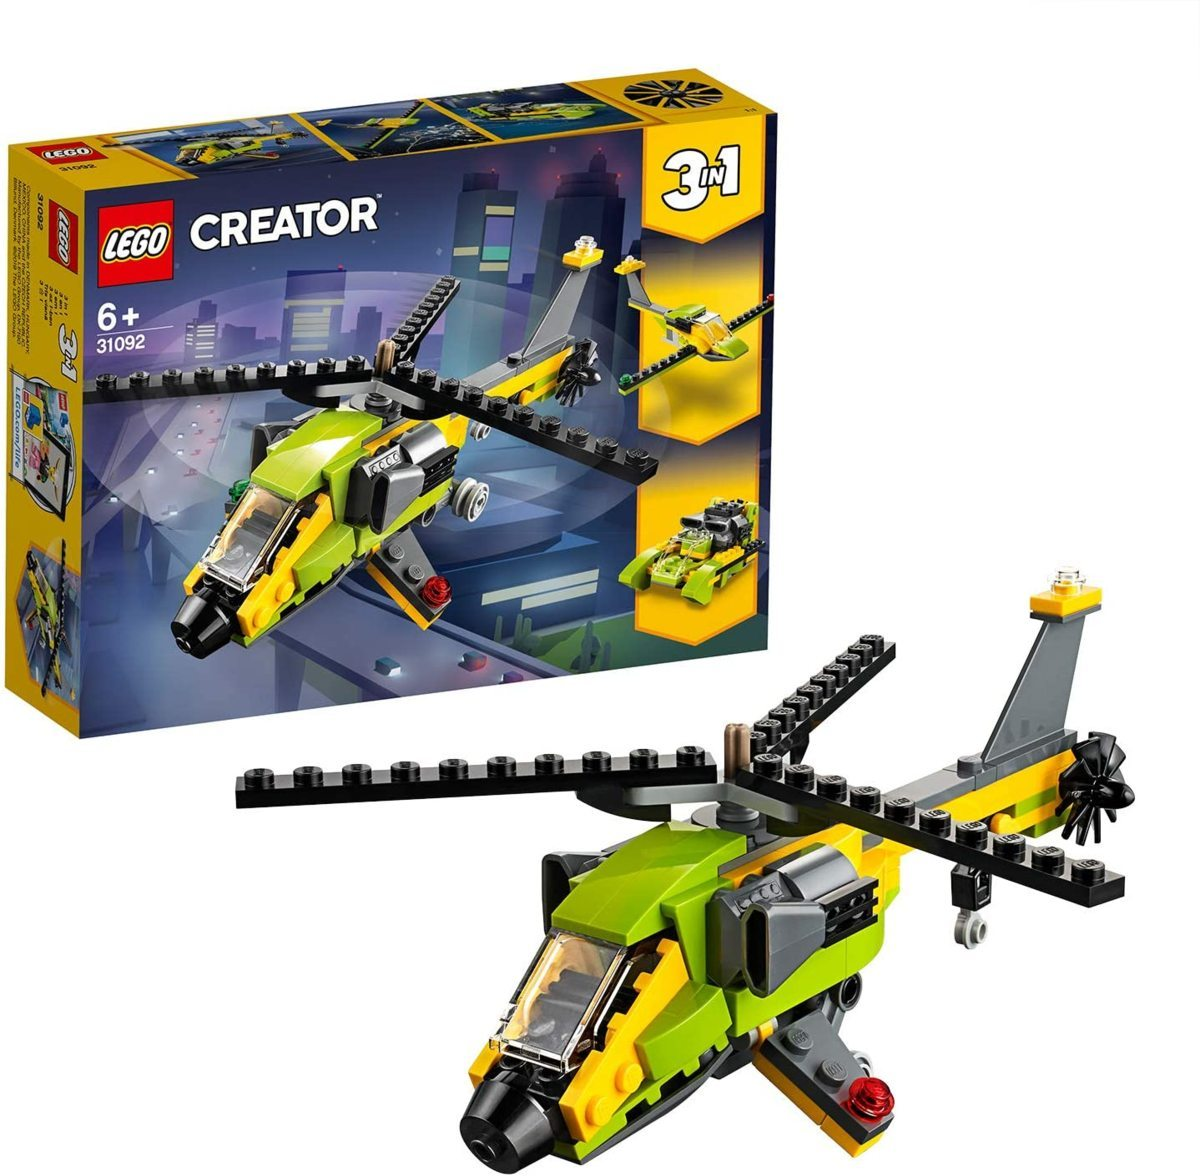 レゴ(LEGO) クリエイター ヘリコプター・アドベンチャー 31092 知育玩具 ブロック おもちゃ 女の子 男の子_画像1